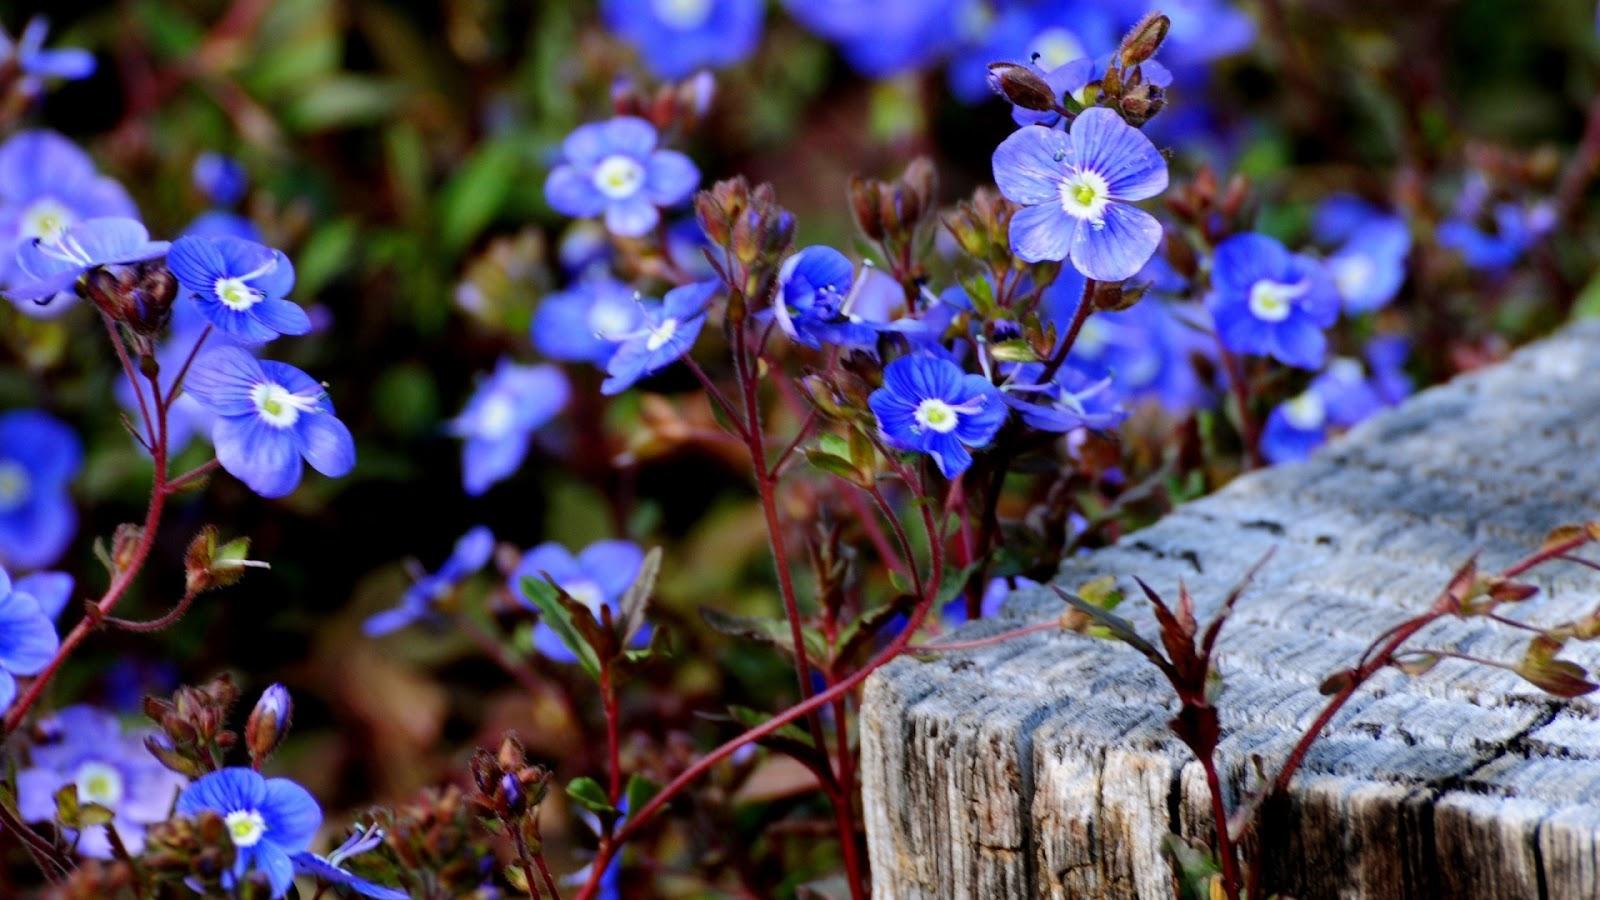 Весна  фото обои на рабочий стол весенние картинки